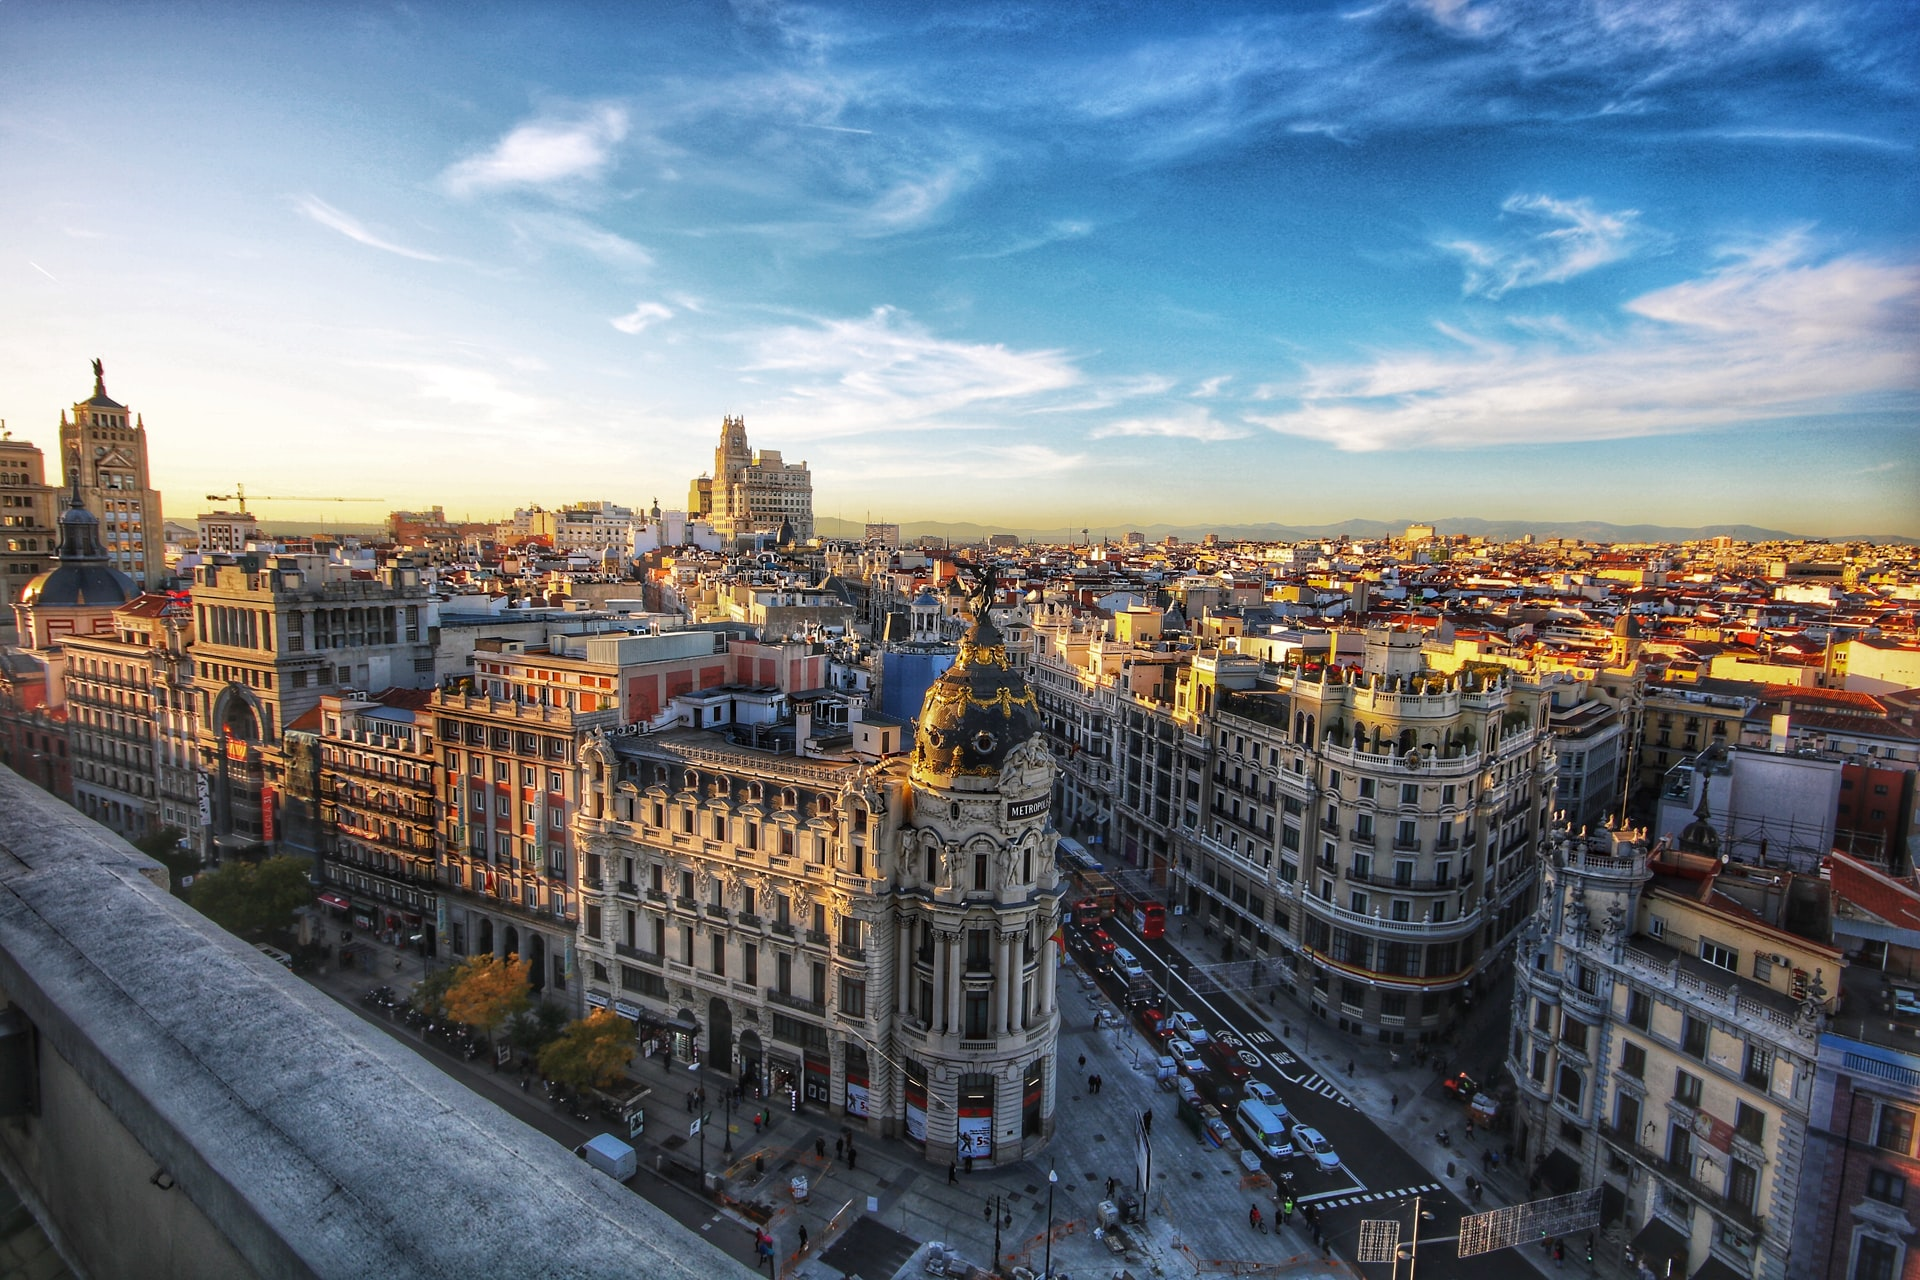 Μαδρίτη - Βαρκελώνη  5 μέρες